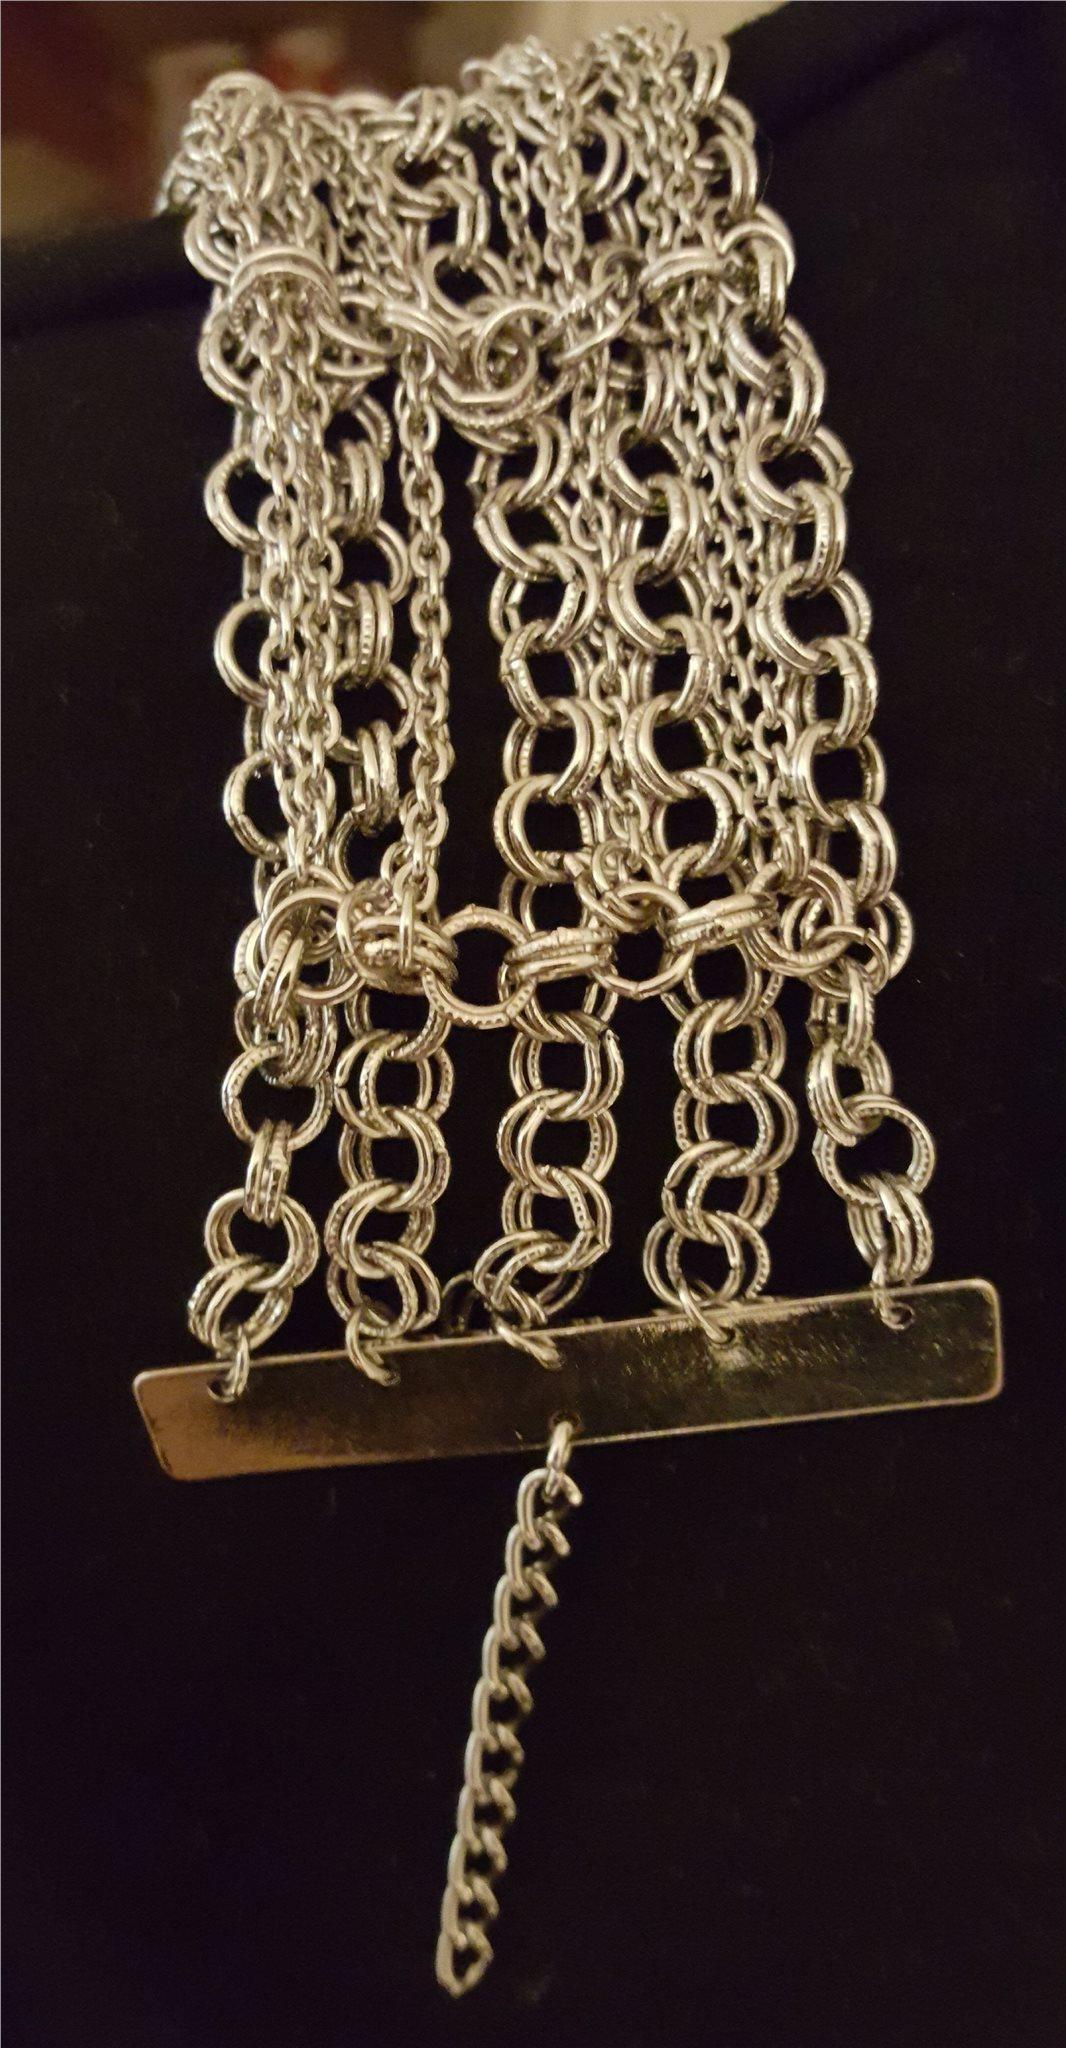 Armband brett silverfärgat (337403610) ᐈ Köp på Tradera 8345e2c99c26b